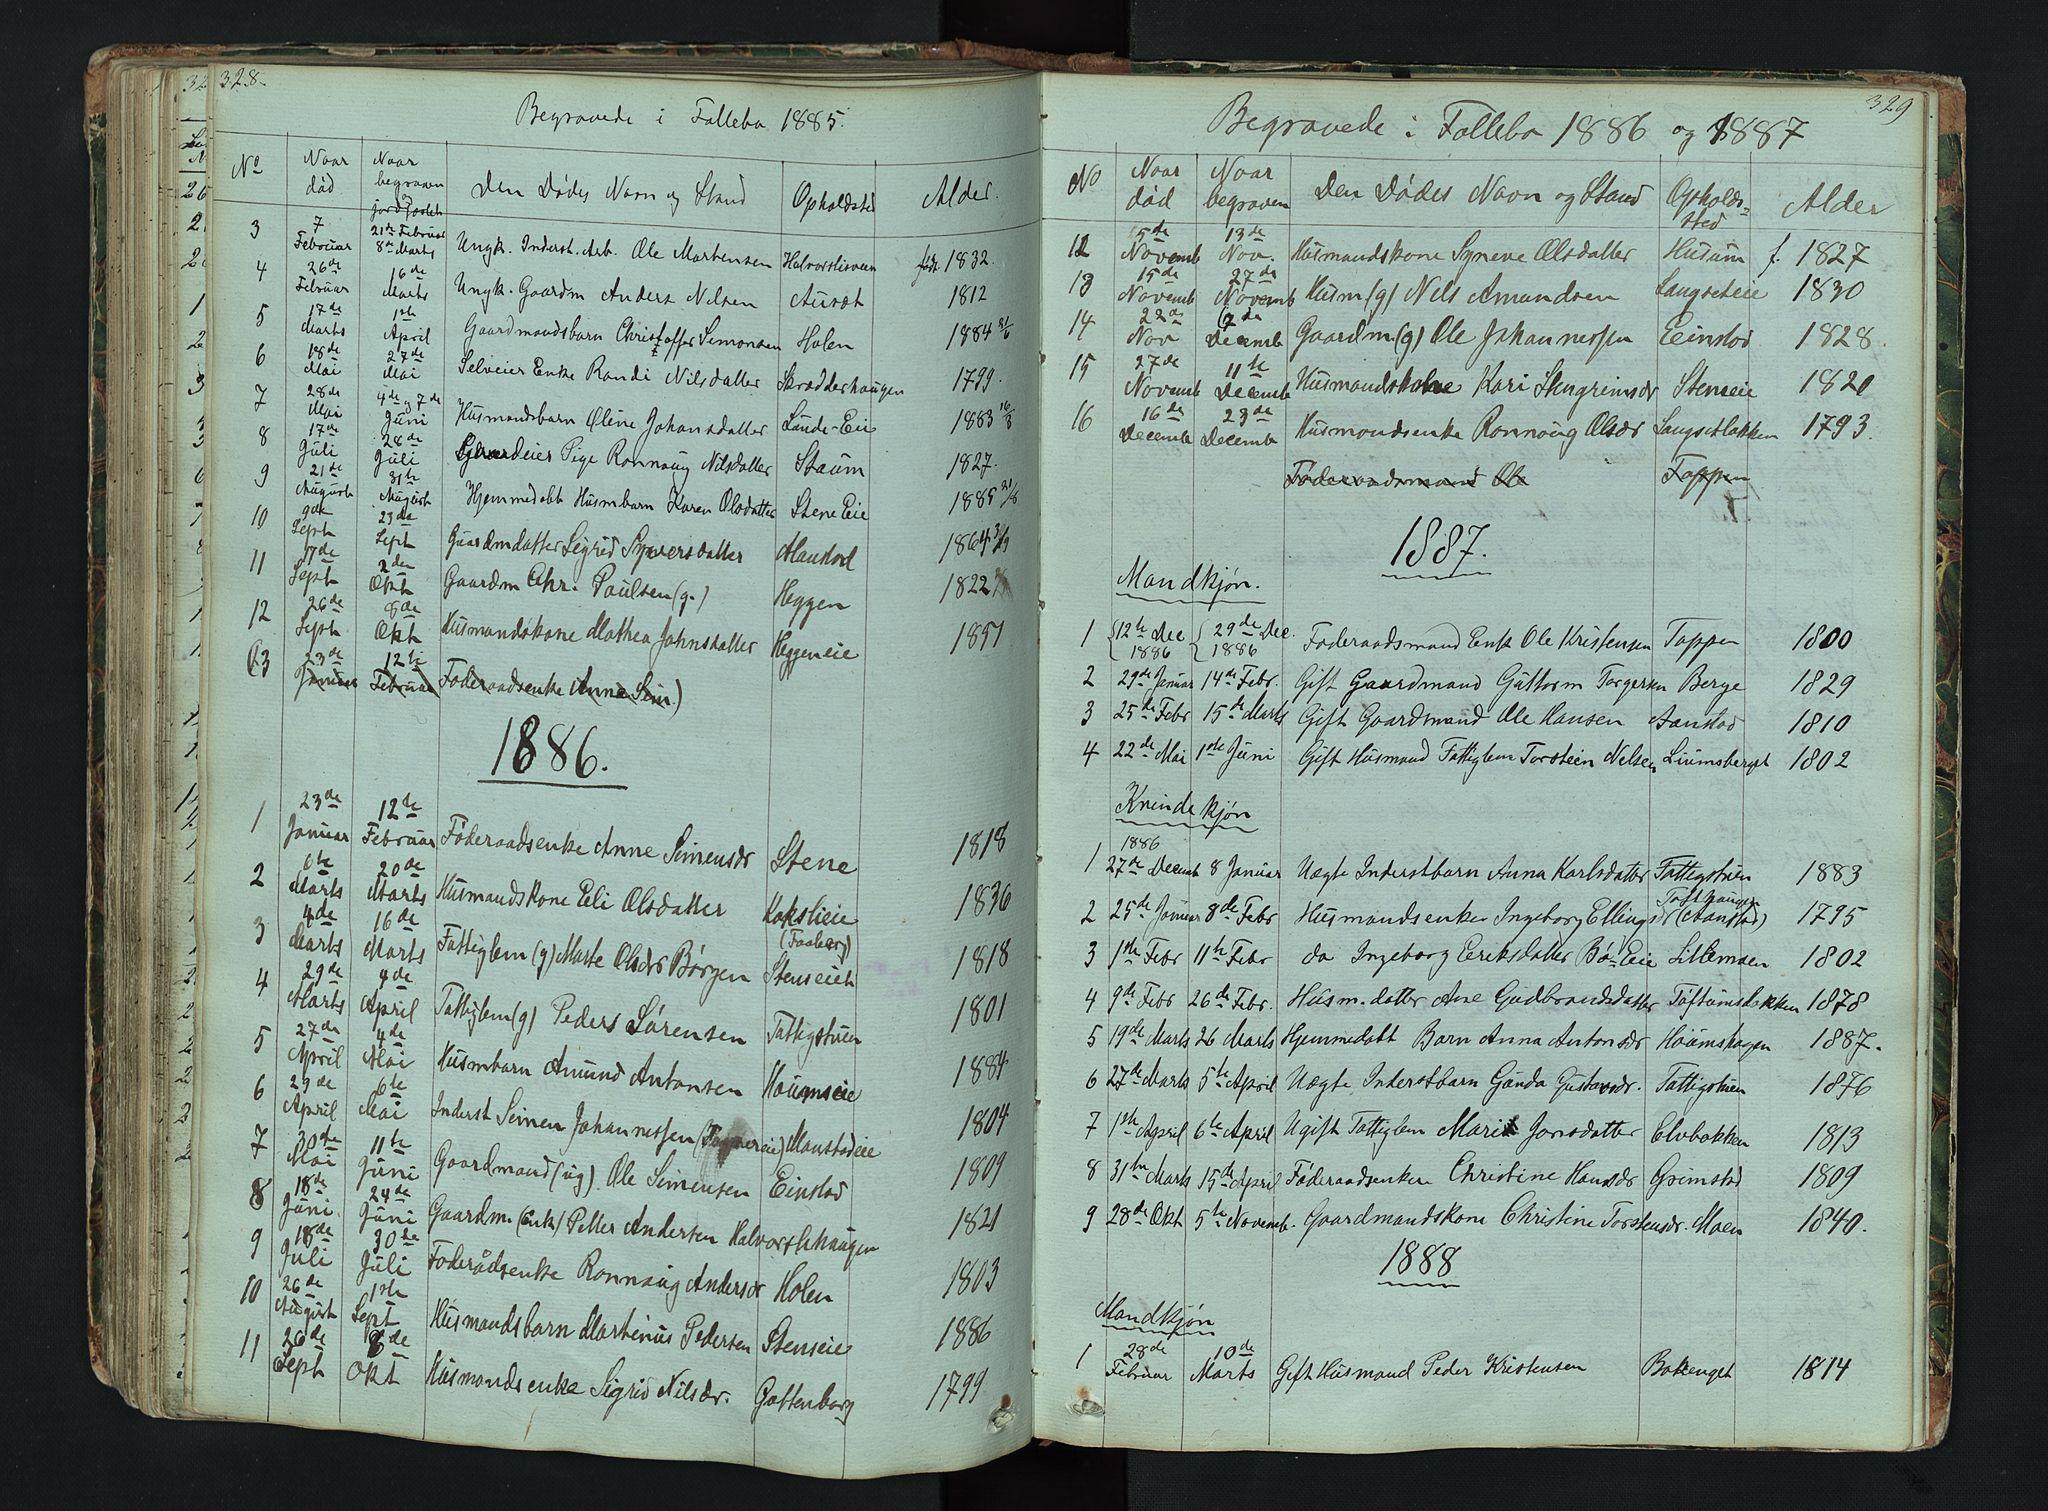 SAH, Gausdal prestekontor, Klokkerbok nr. 6, 1846-1893, s. 328-329